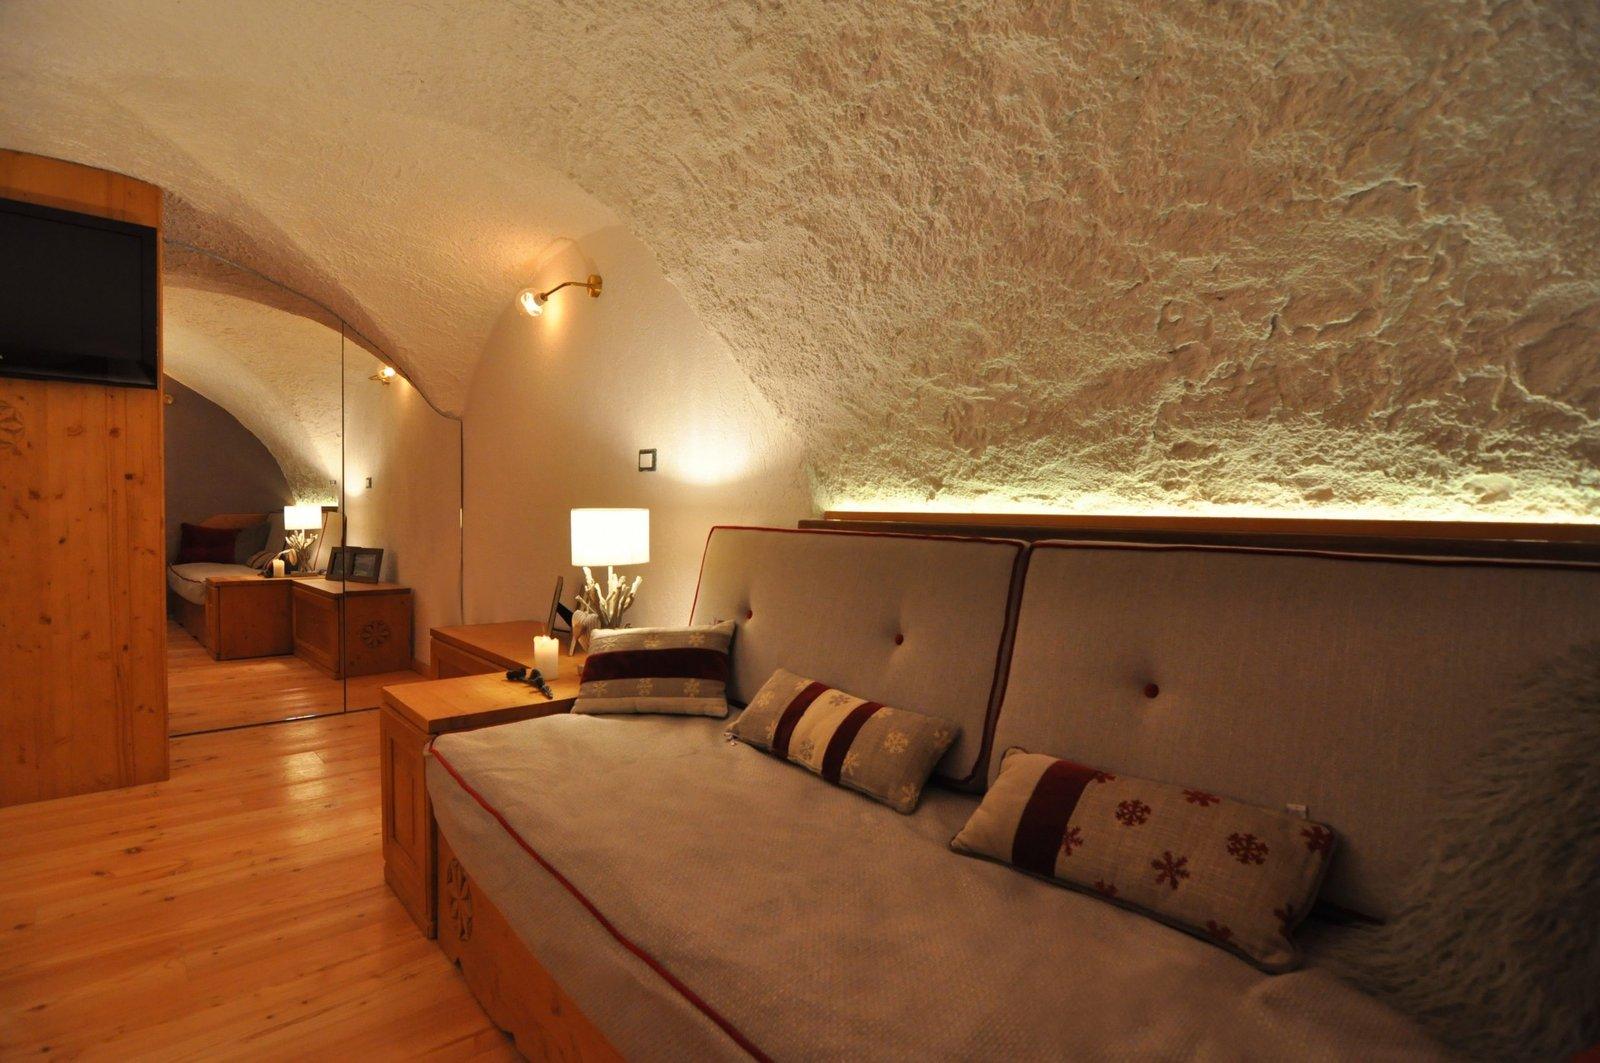 delle luci led dietro gli schienali dei divani aggiungono valore alle volte del soffitto